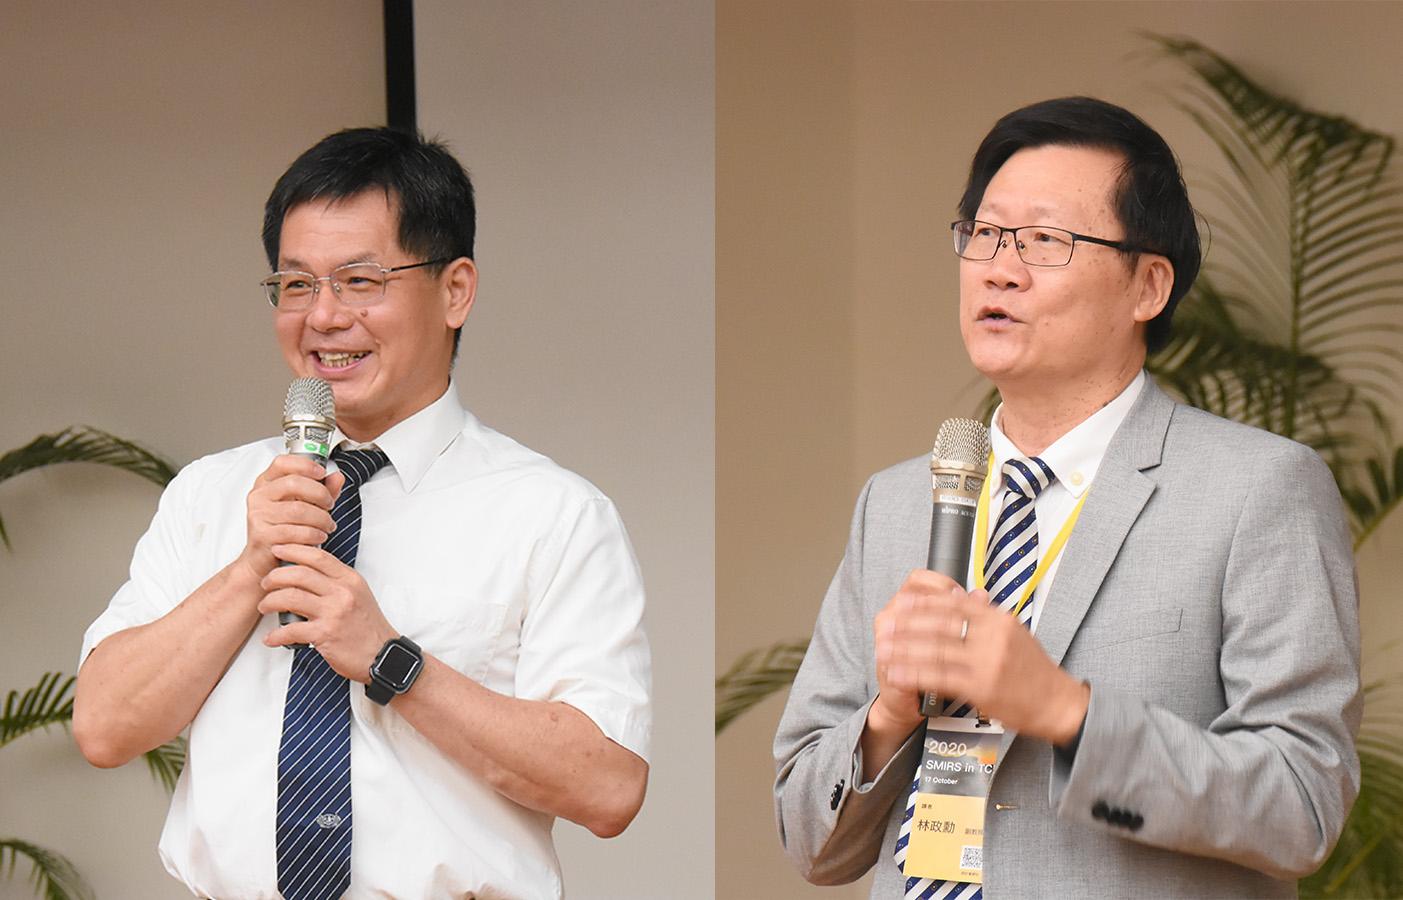 左圖:慈濟科技大學校長羅文瑞,右圖:台灣醫學影像暨放射科學學會理事長林政勳。